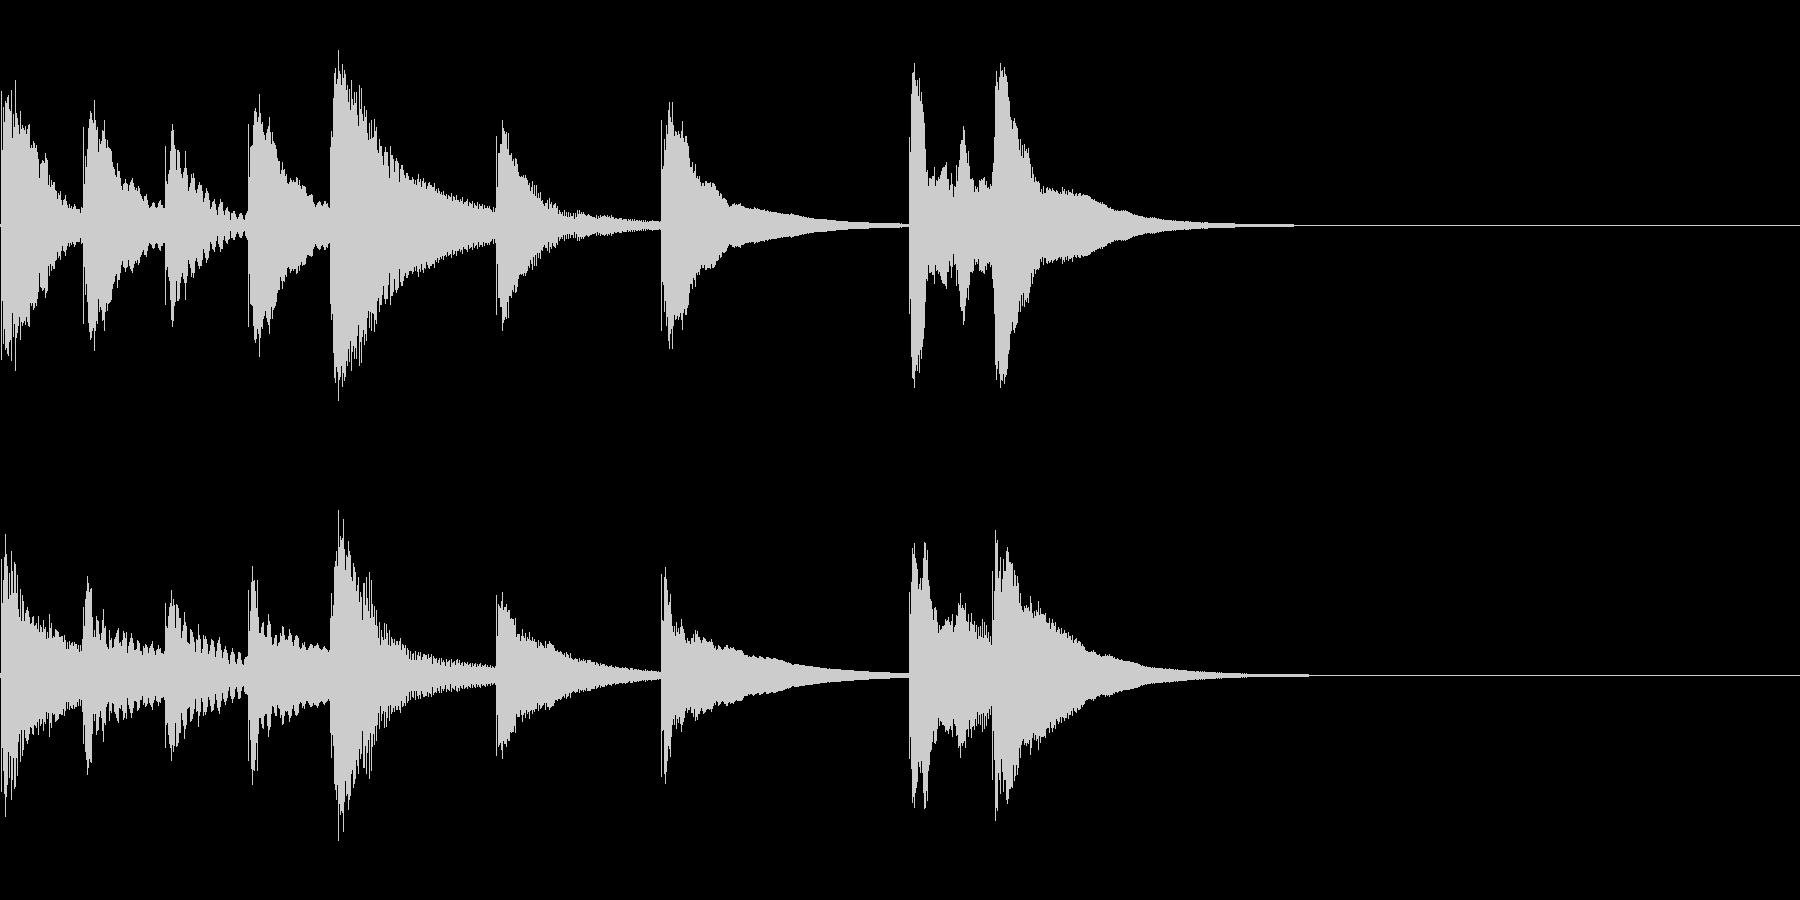 かわいい木琴の3秒ジングル!!の未再生の波形